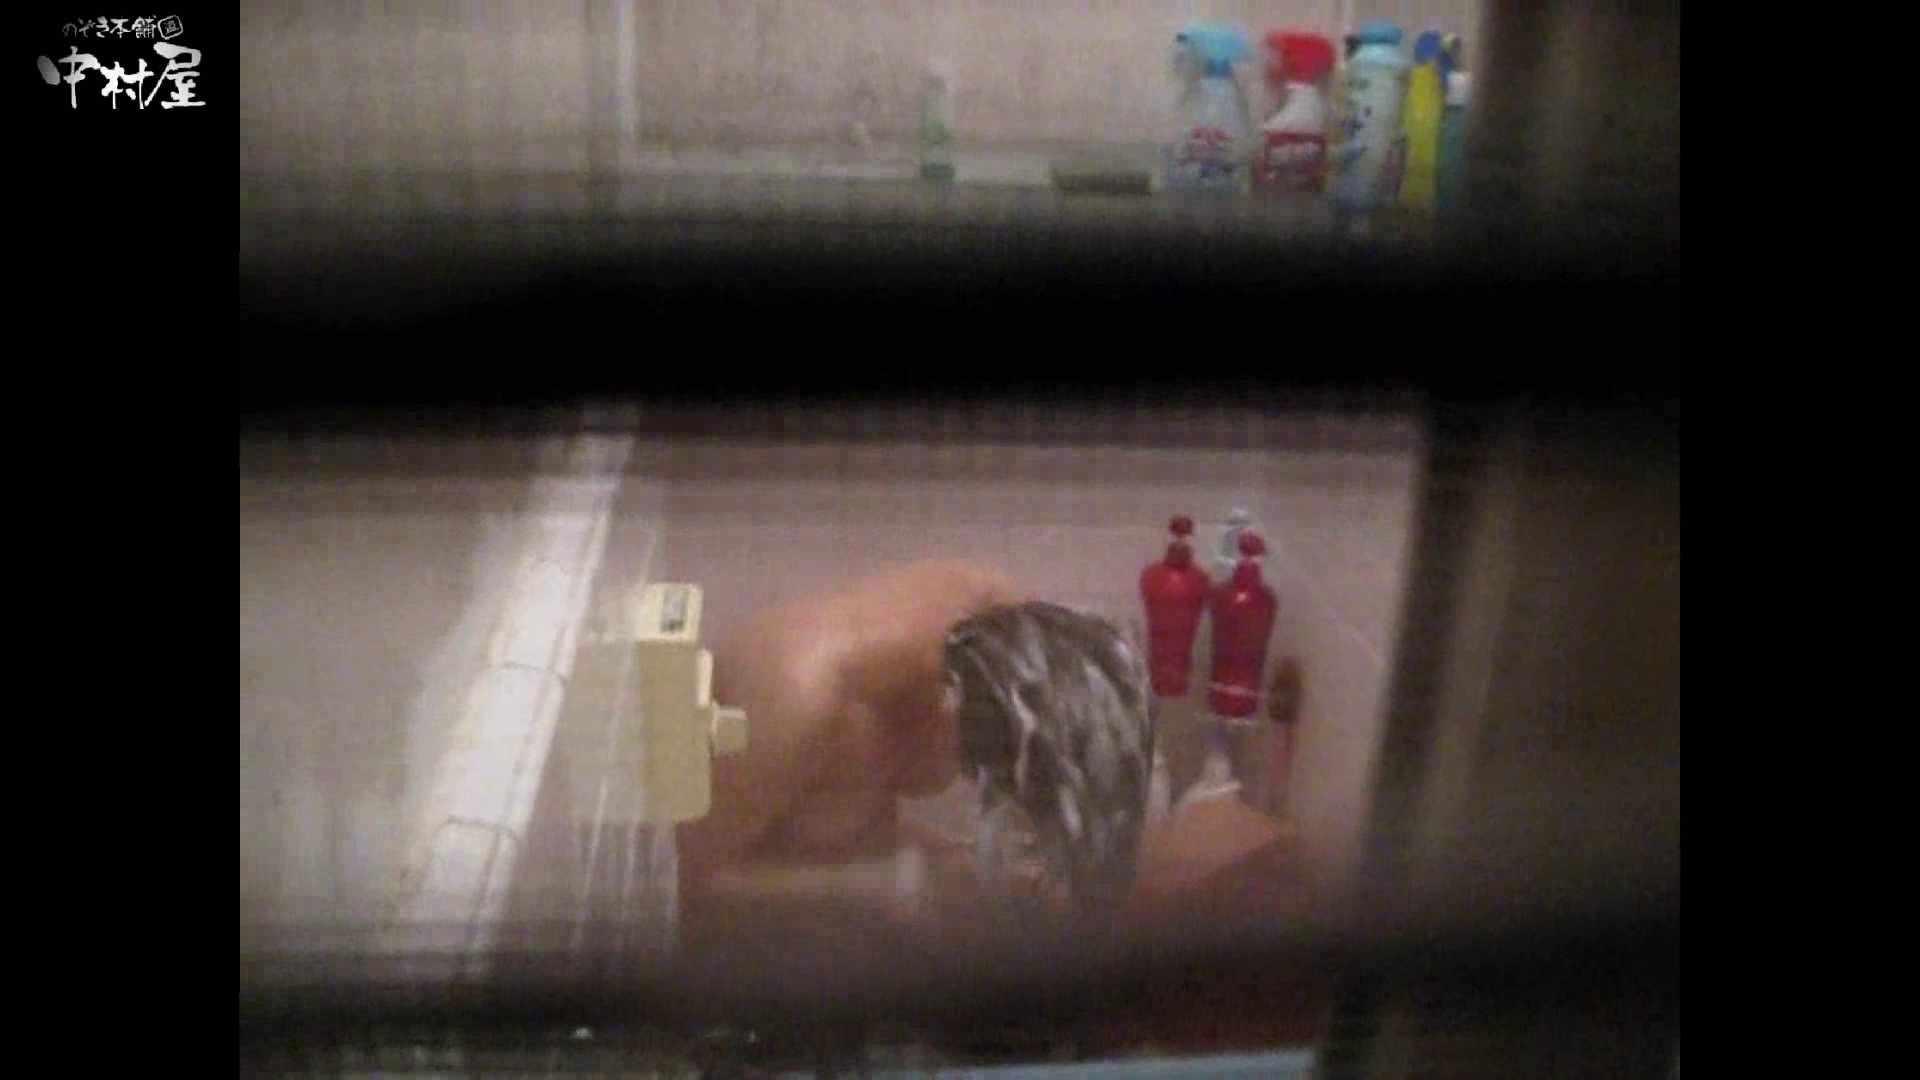 民家風呂専門盗撮師の超危険映像 vol.017 美少女エロ画像   股間満開  93PICs 73